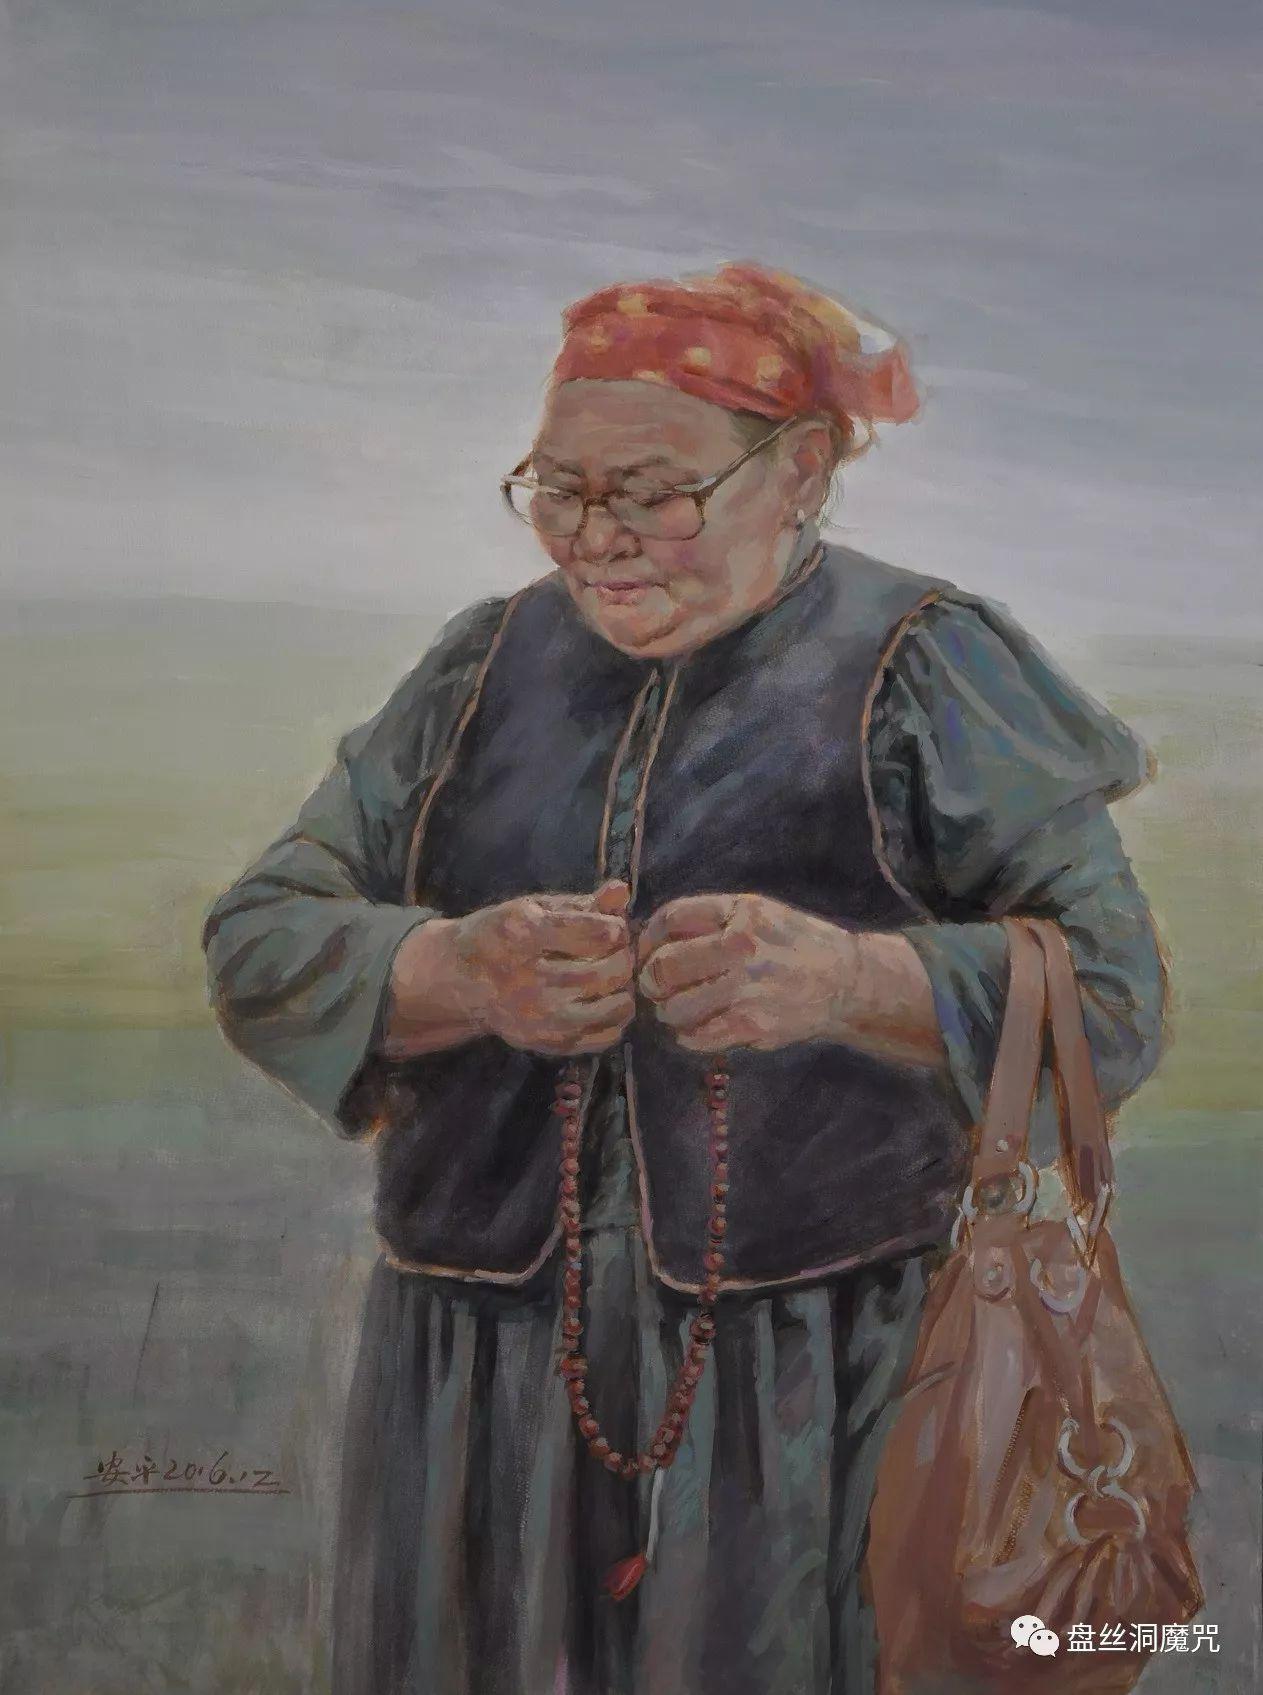 关安平水彩作品欣赏 第10张 关安平水彩作品欣赏 蒙古画廊